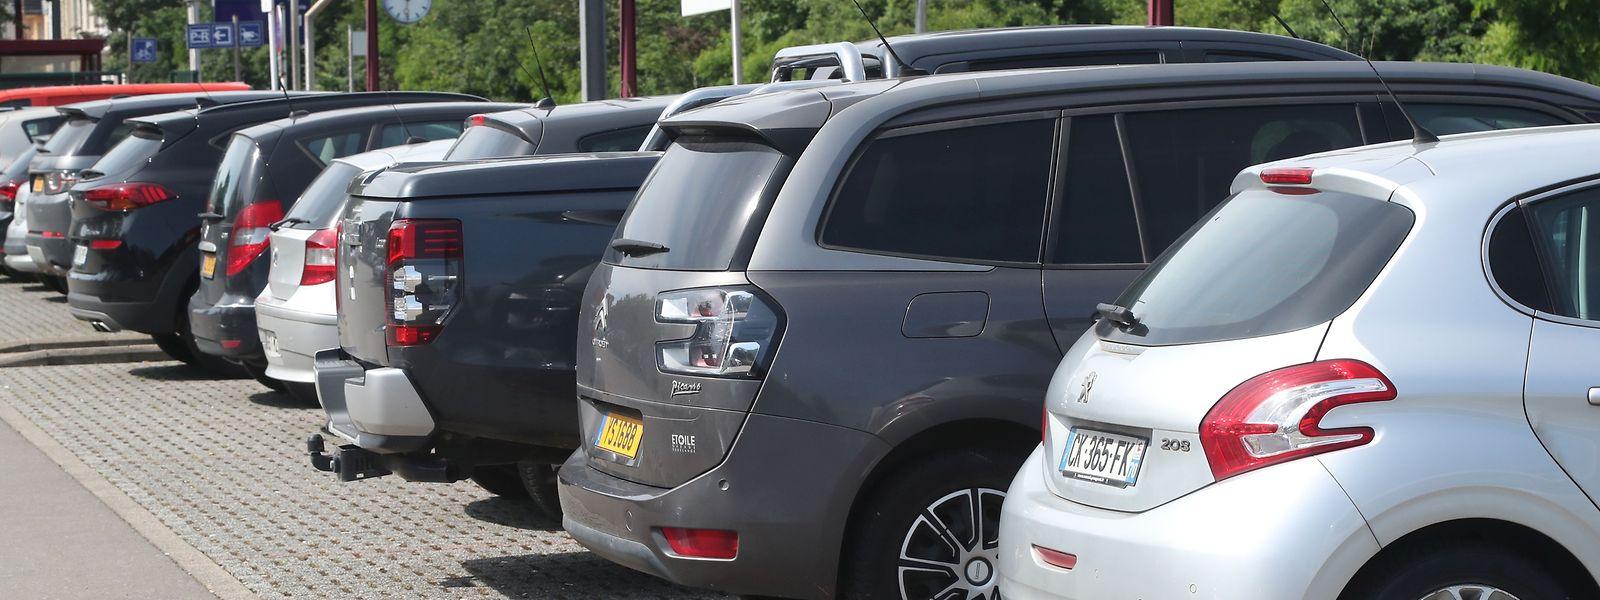 Parkplätze werden oft übermäßig lange in Beschlag genommen. Dagegen will man jetzt in Düdelingen vorgehen.